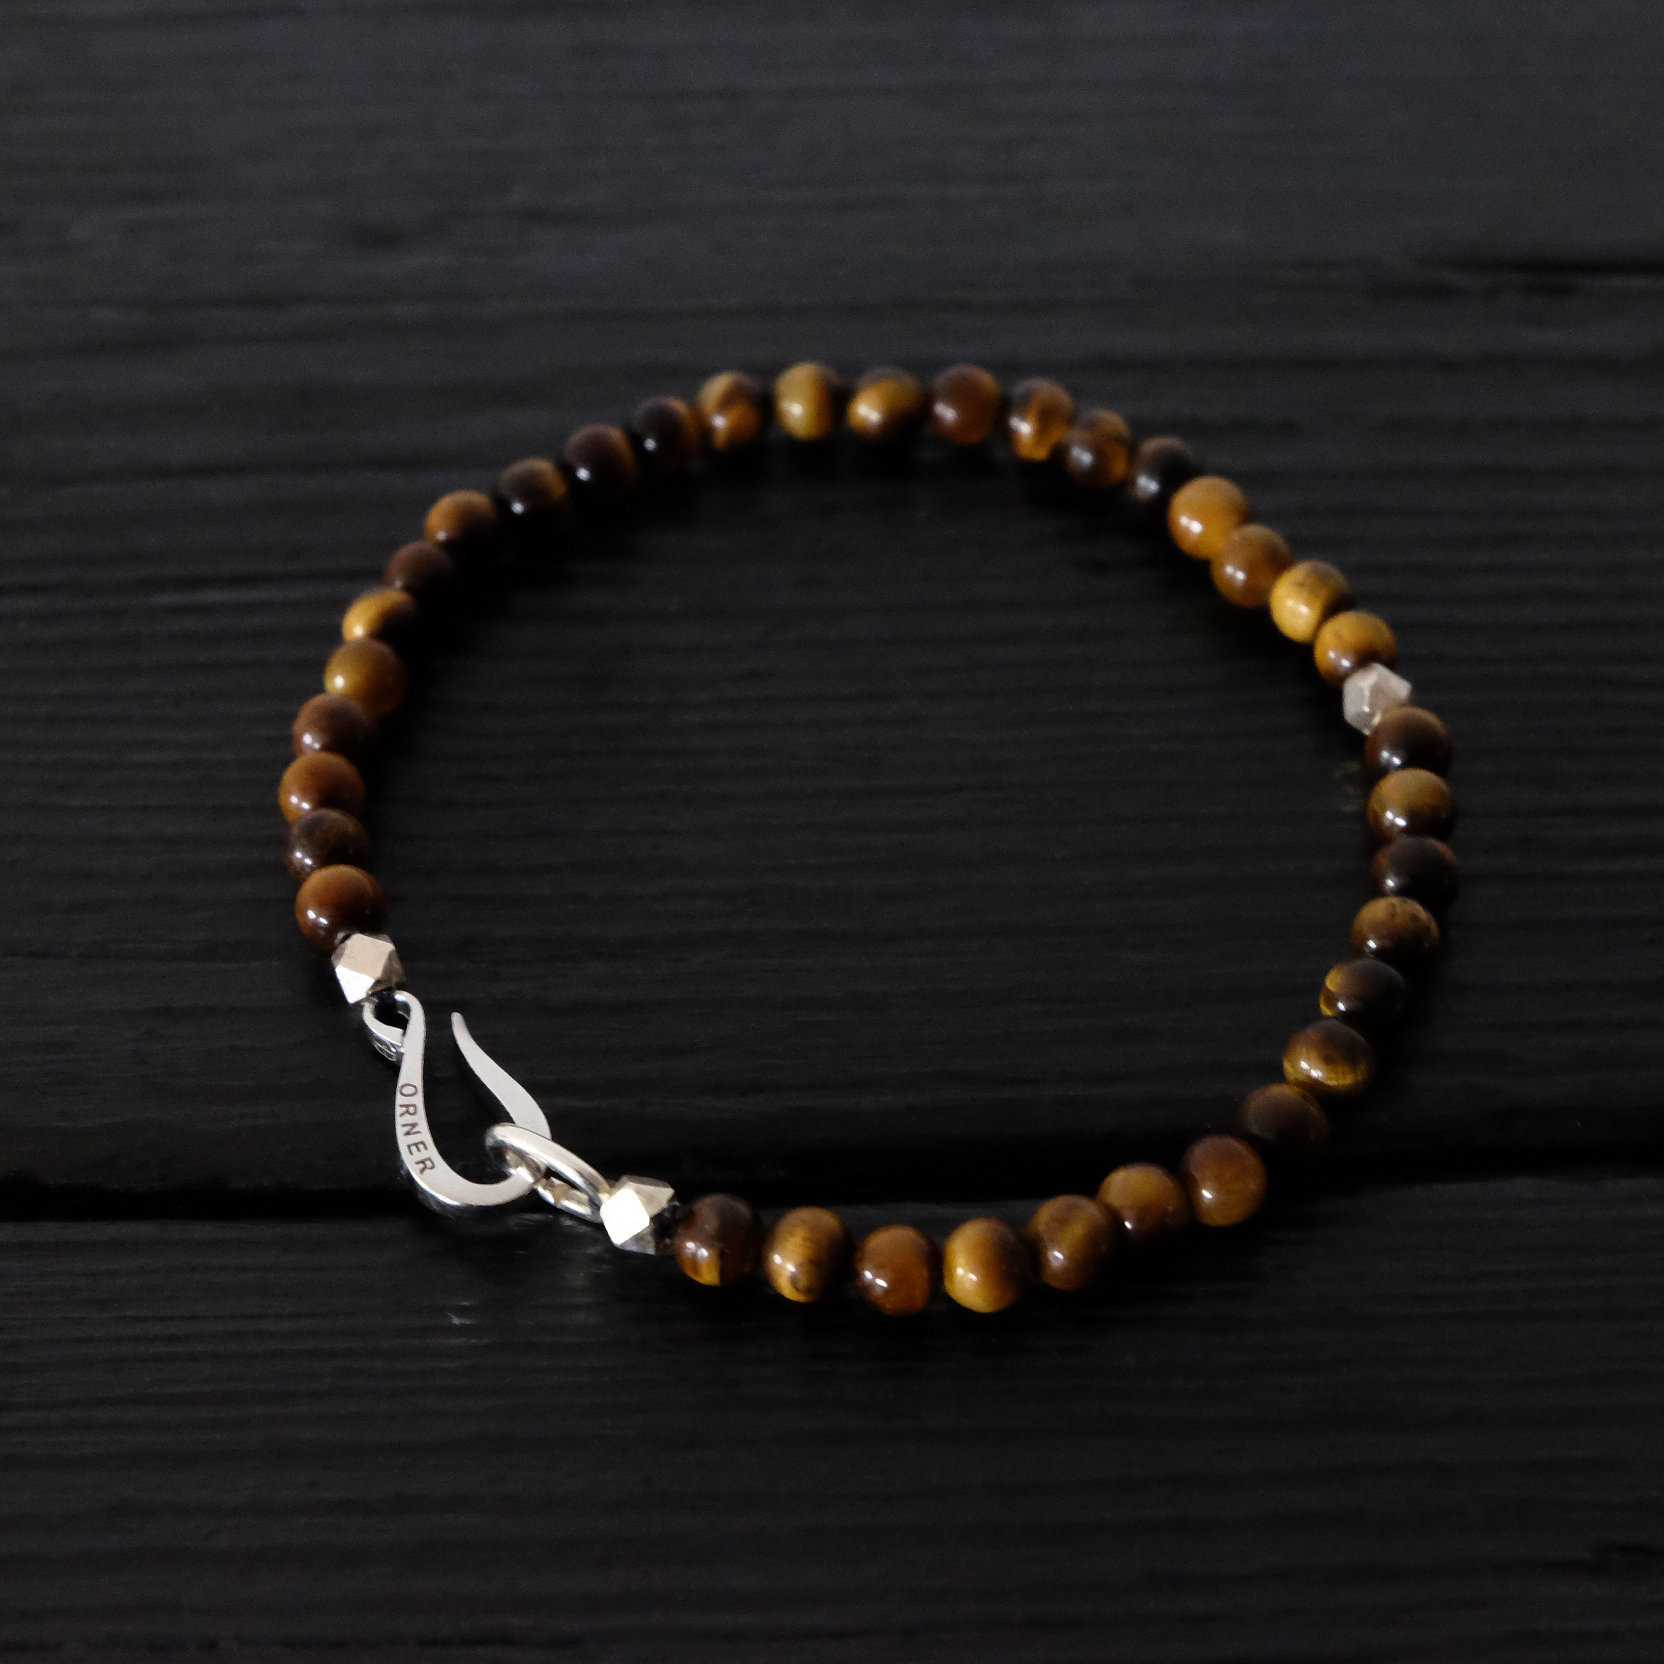 Bracelet composé d\u0027un crochet Orner façonné dans l\u0027argent 925, poinçonné de  notre croix solaire, symbole d\u0027harmonie, de 3 éléments en argent facettés  et de